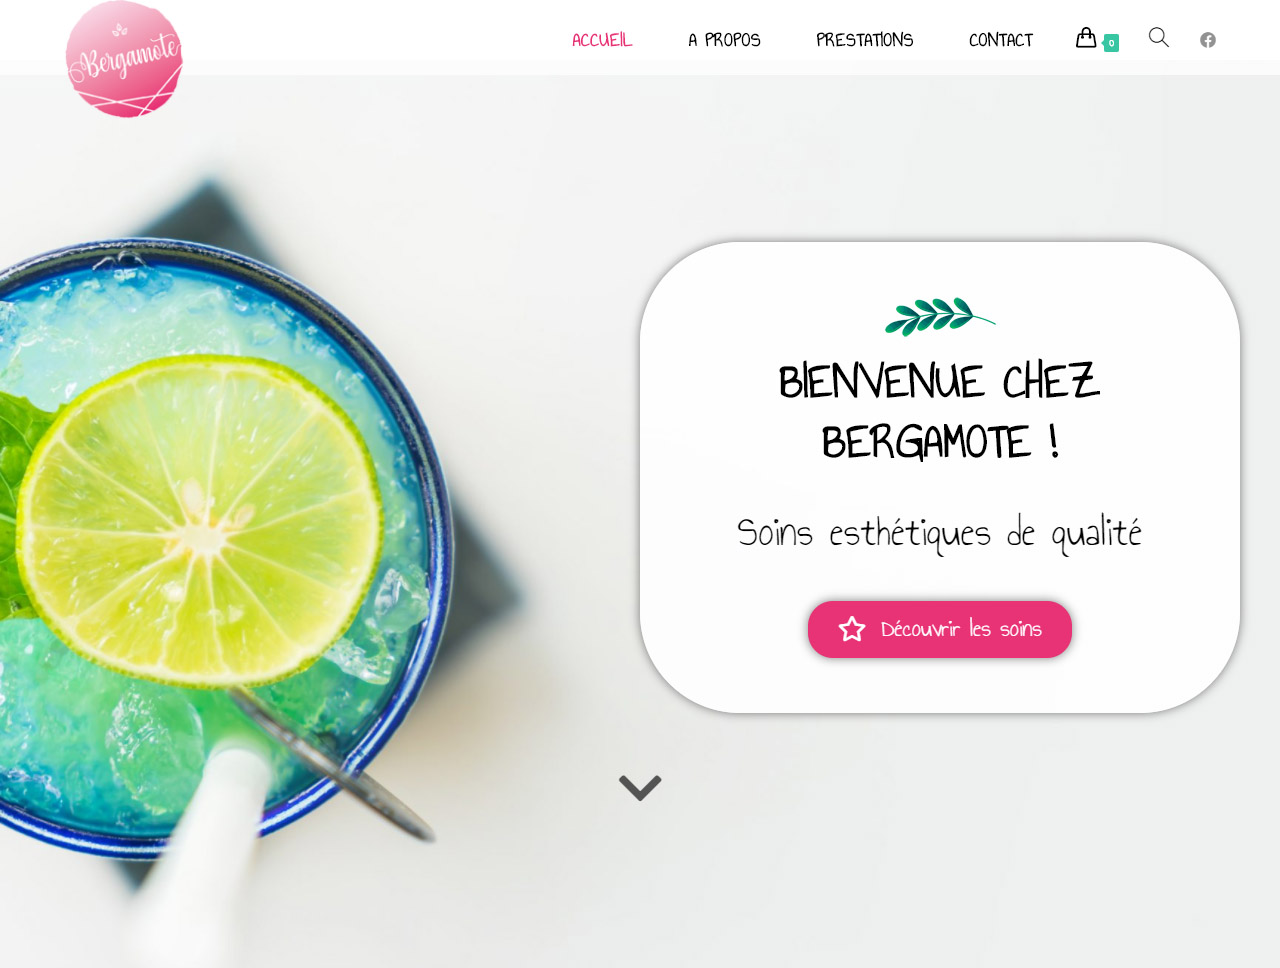 accueil_institut_bergamote_new